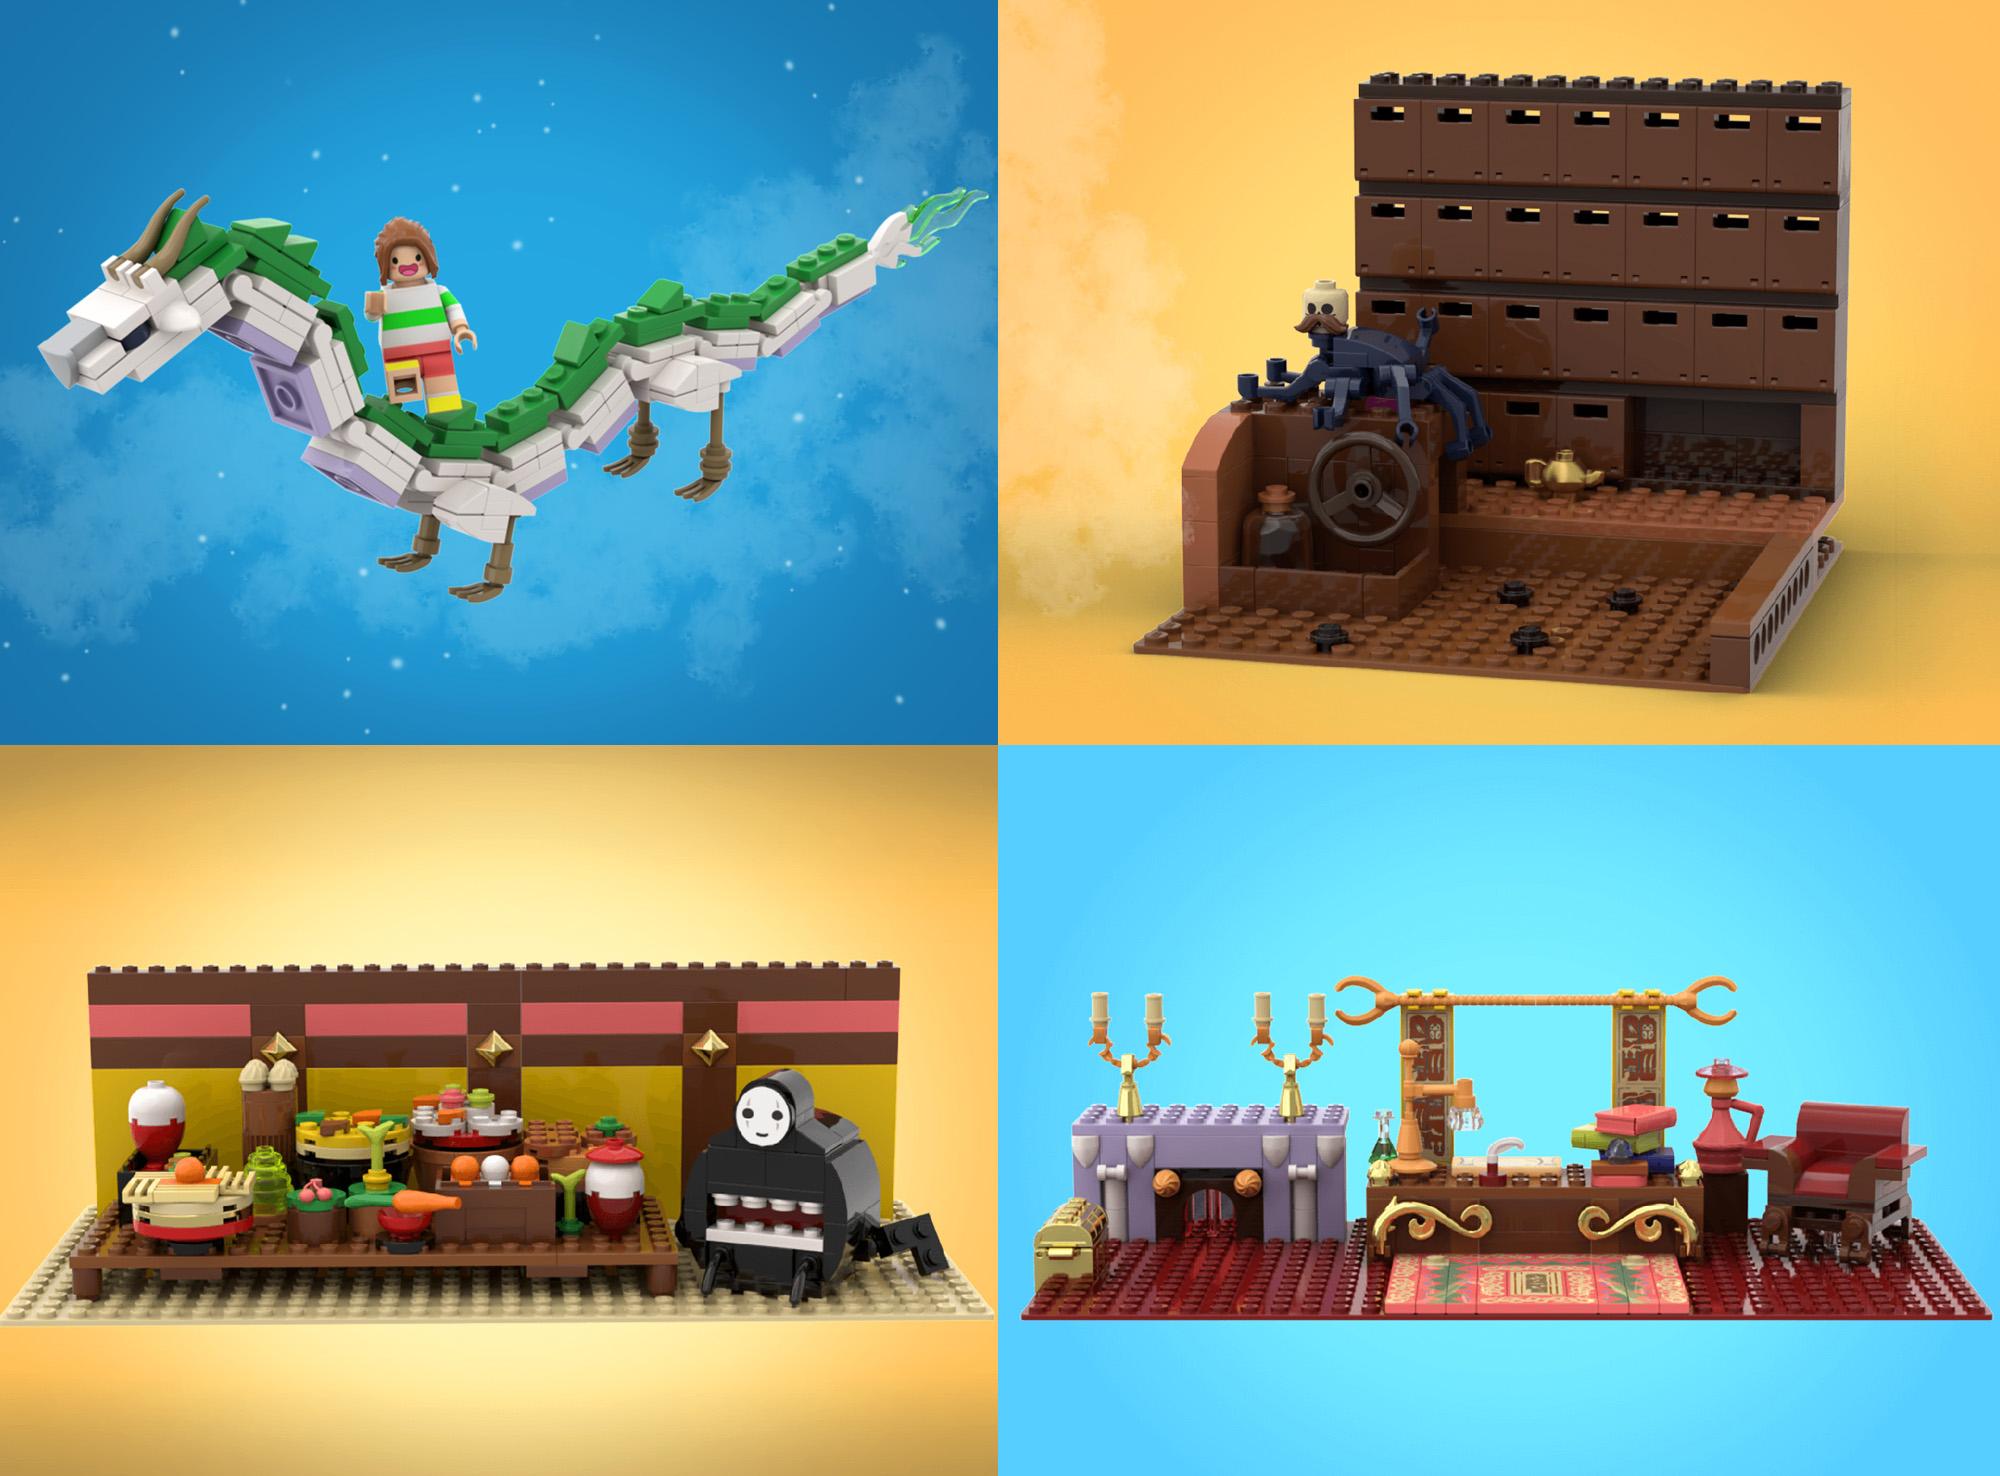 ジブリ名作『千と千尋の神隠し』がレゴアイデア製品化レビュー進出!2020年第3回1万サポート獲得デザイン紹介